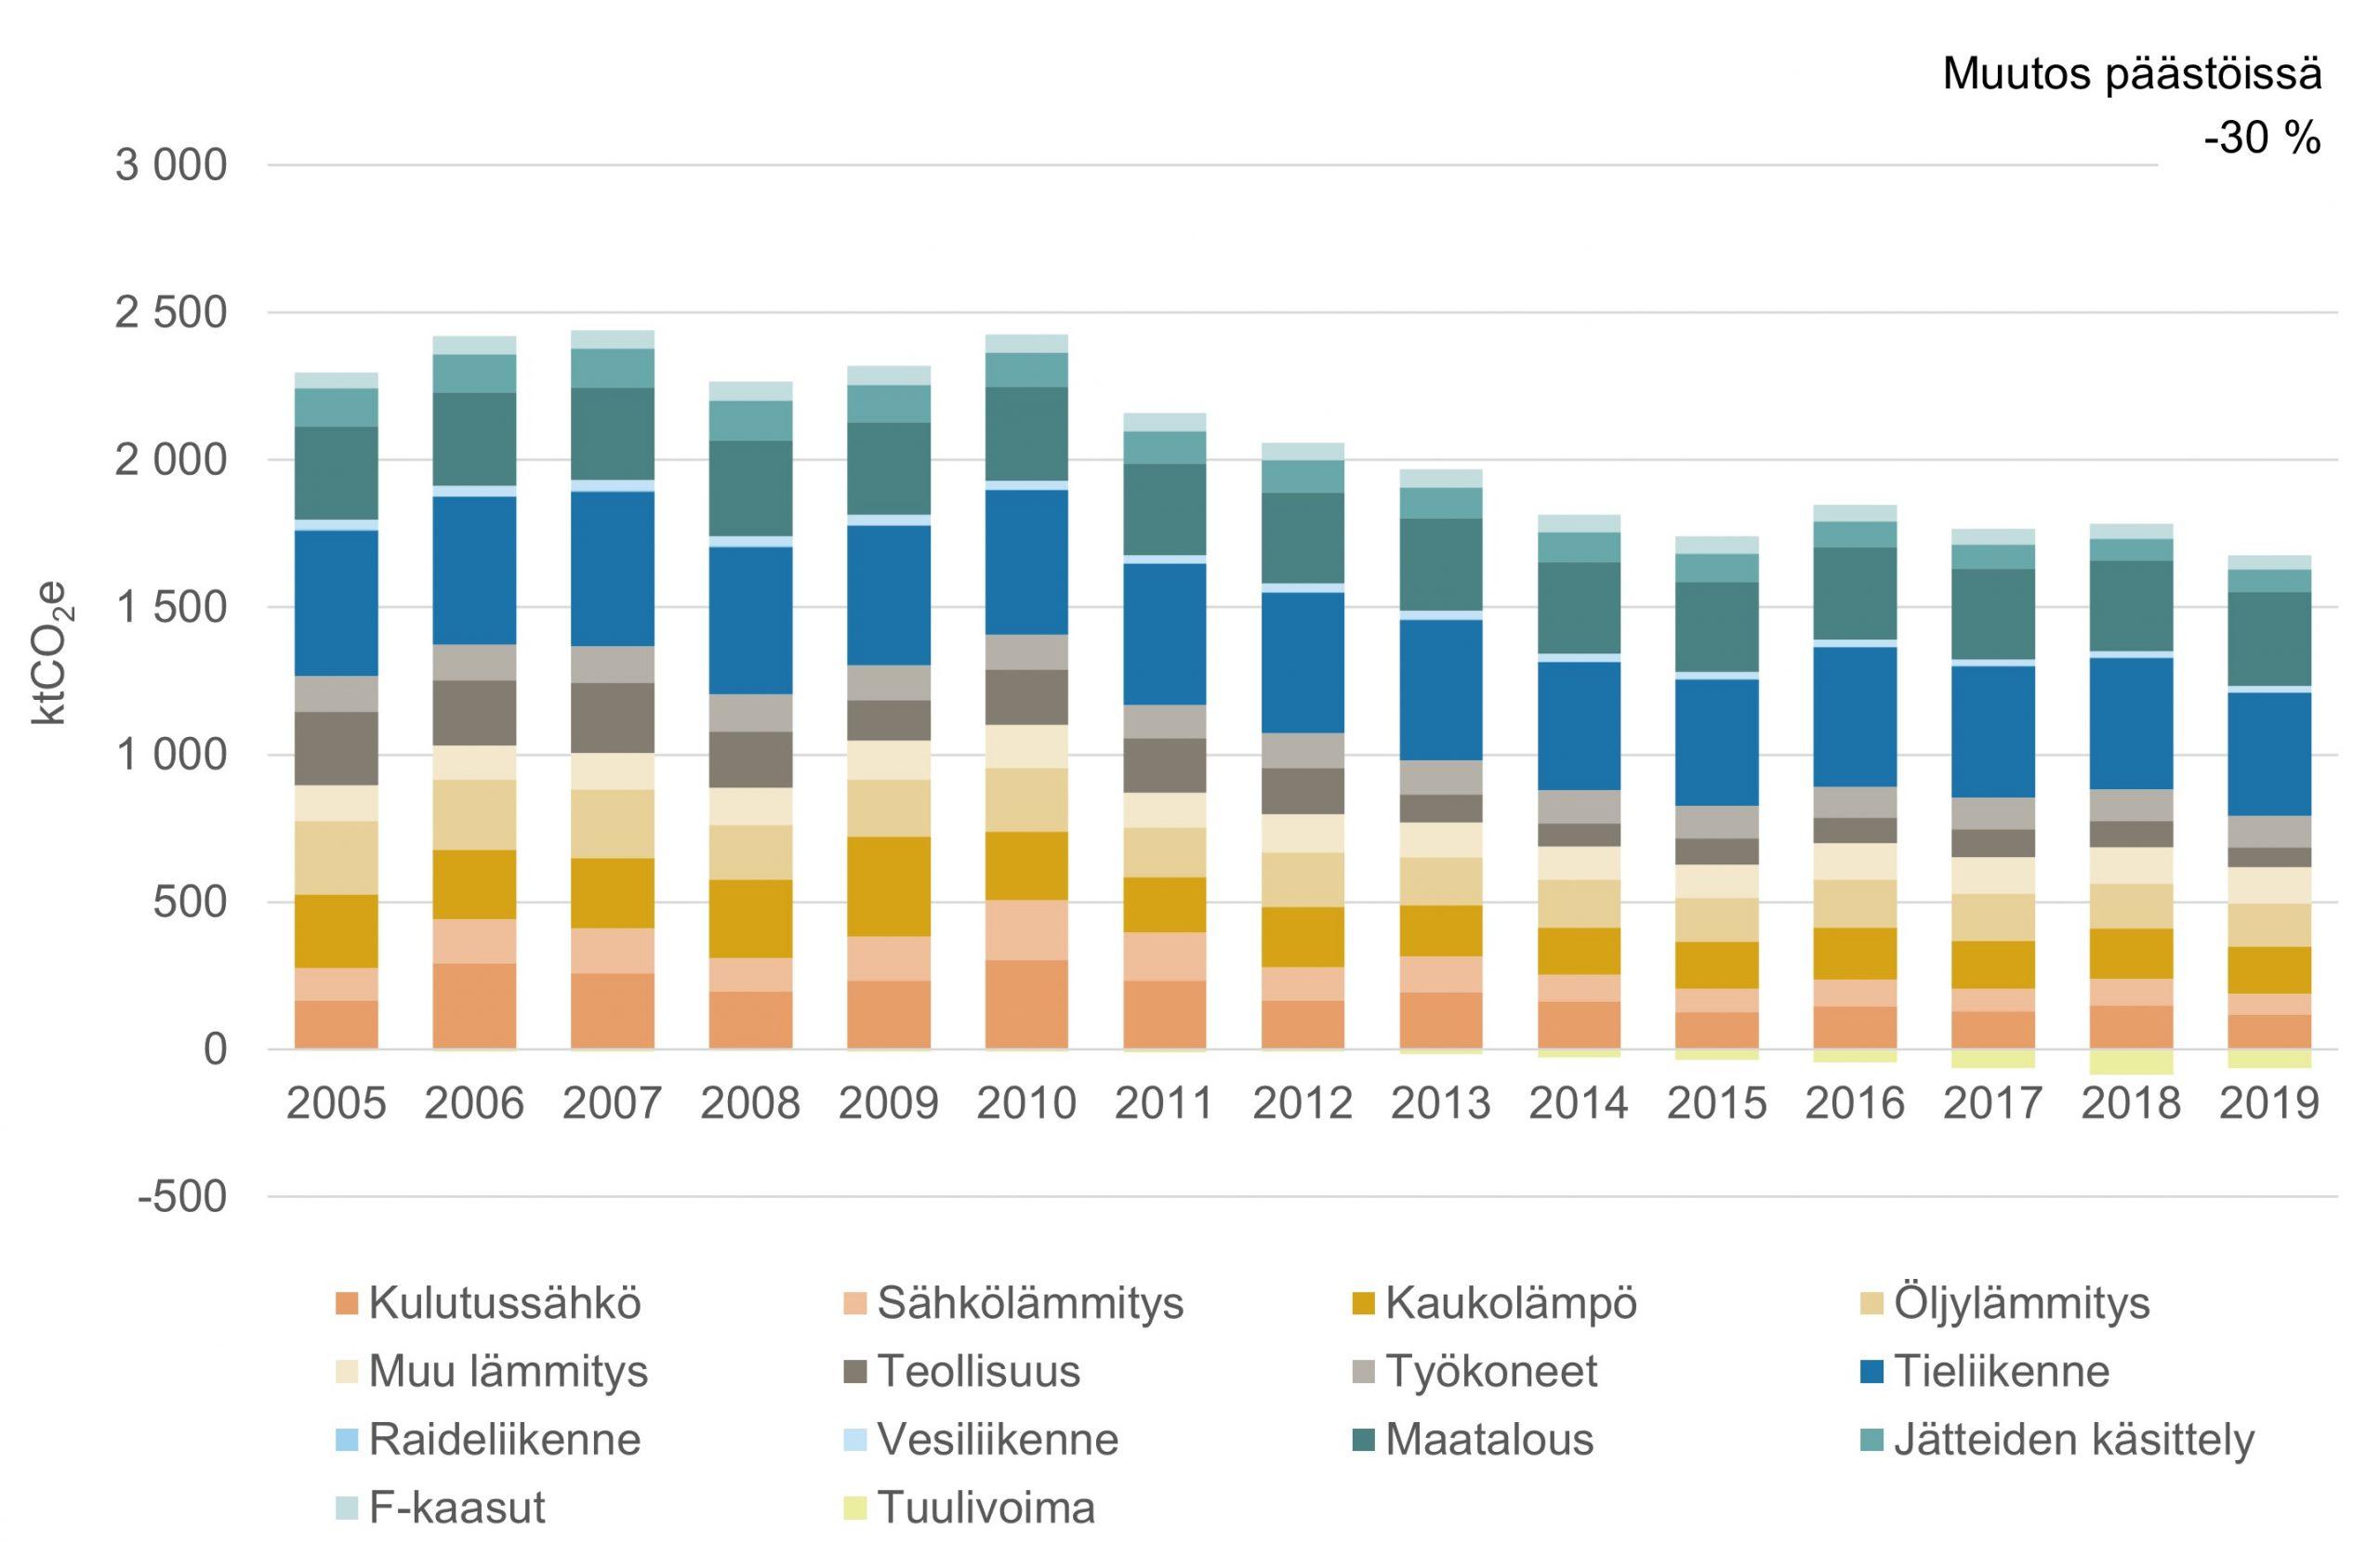 Satakunnan ilmastopäästökehitys 2005-2019 -pylväskuvaaja